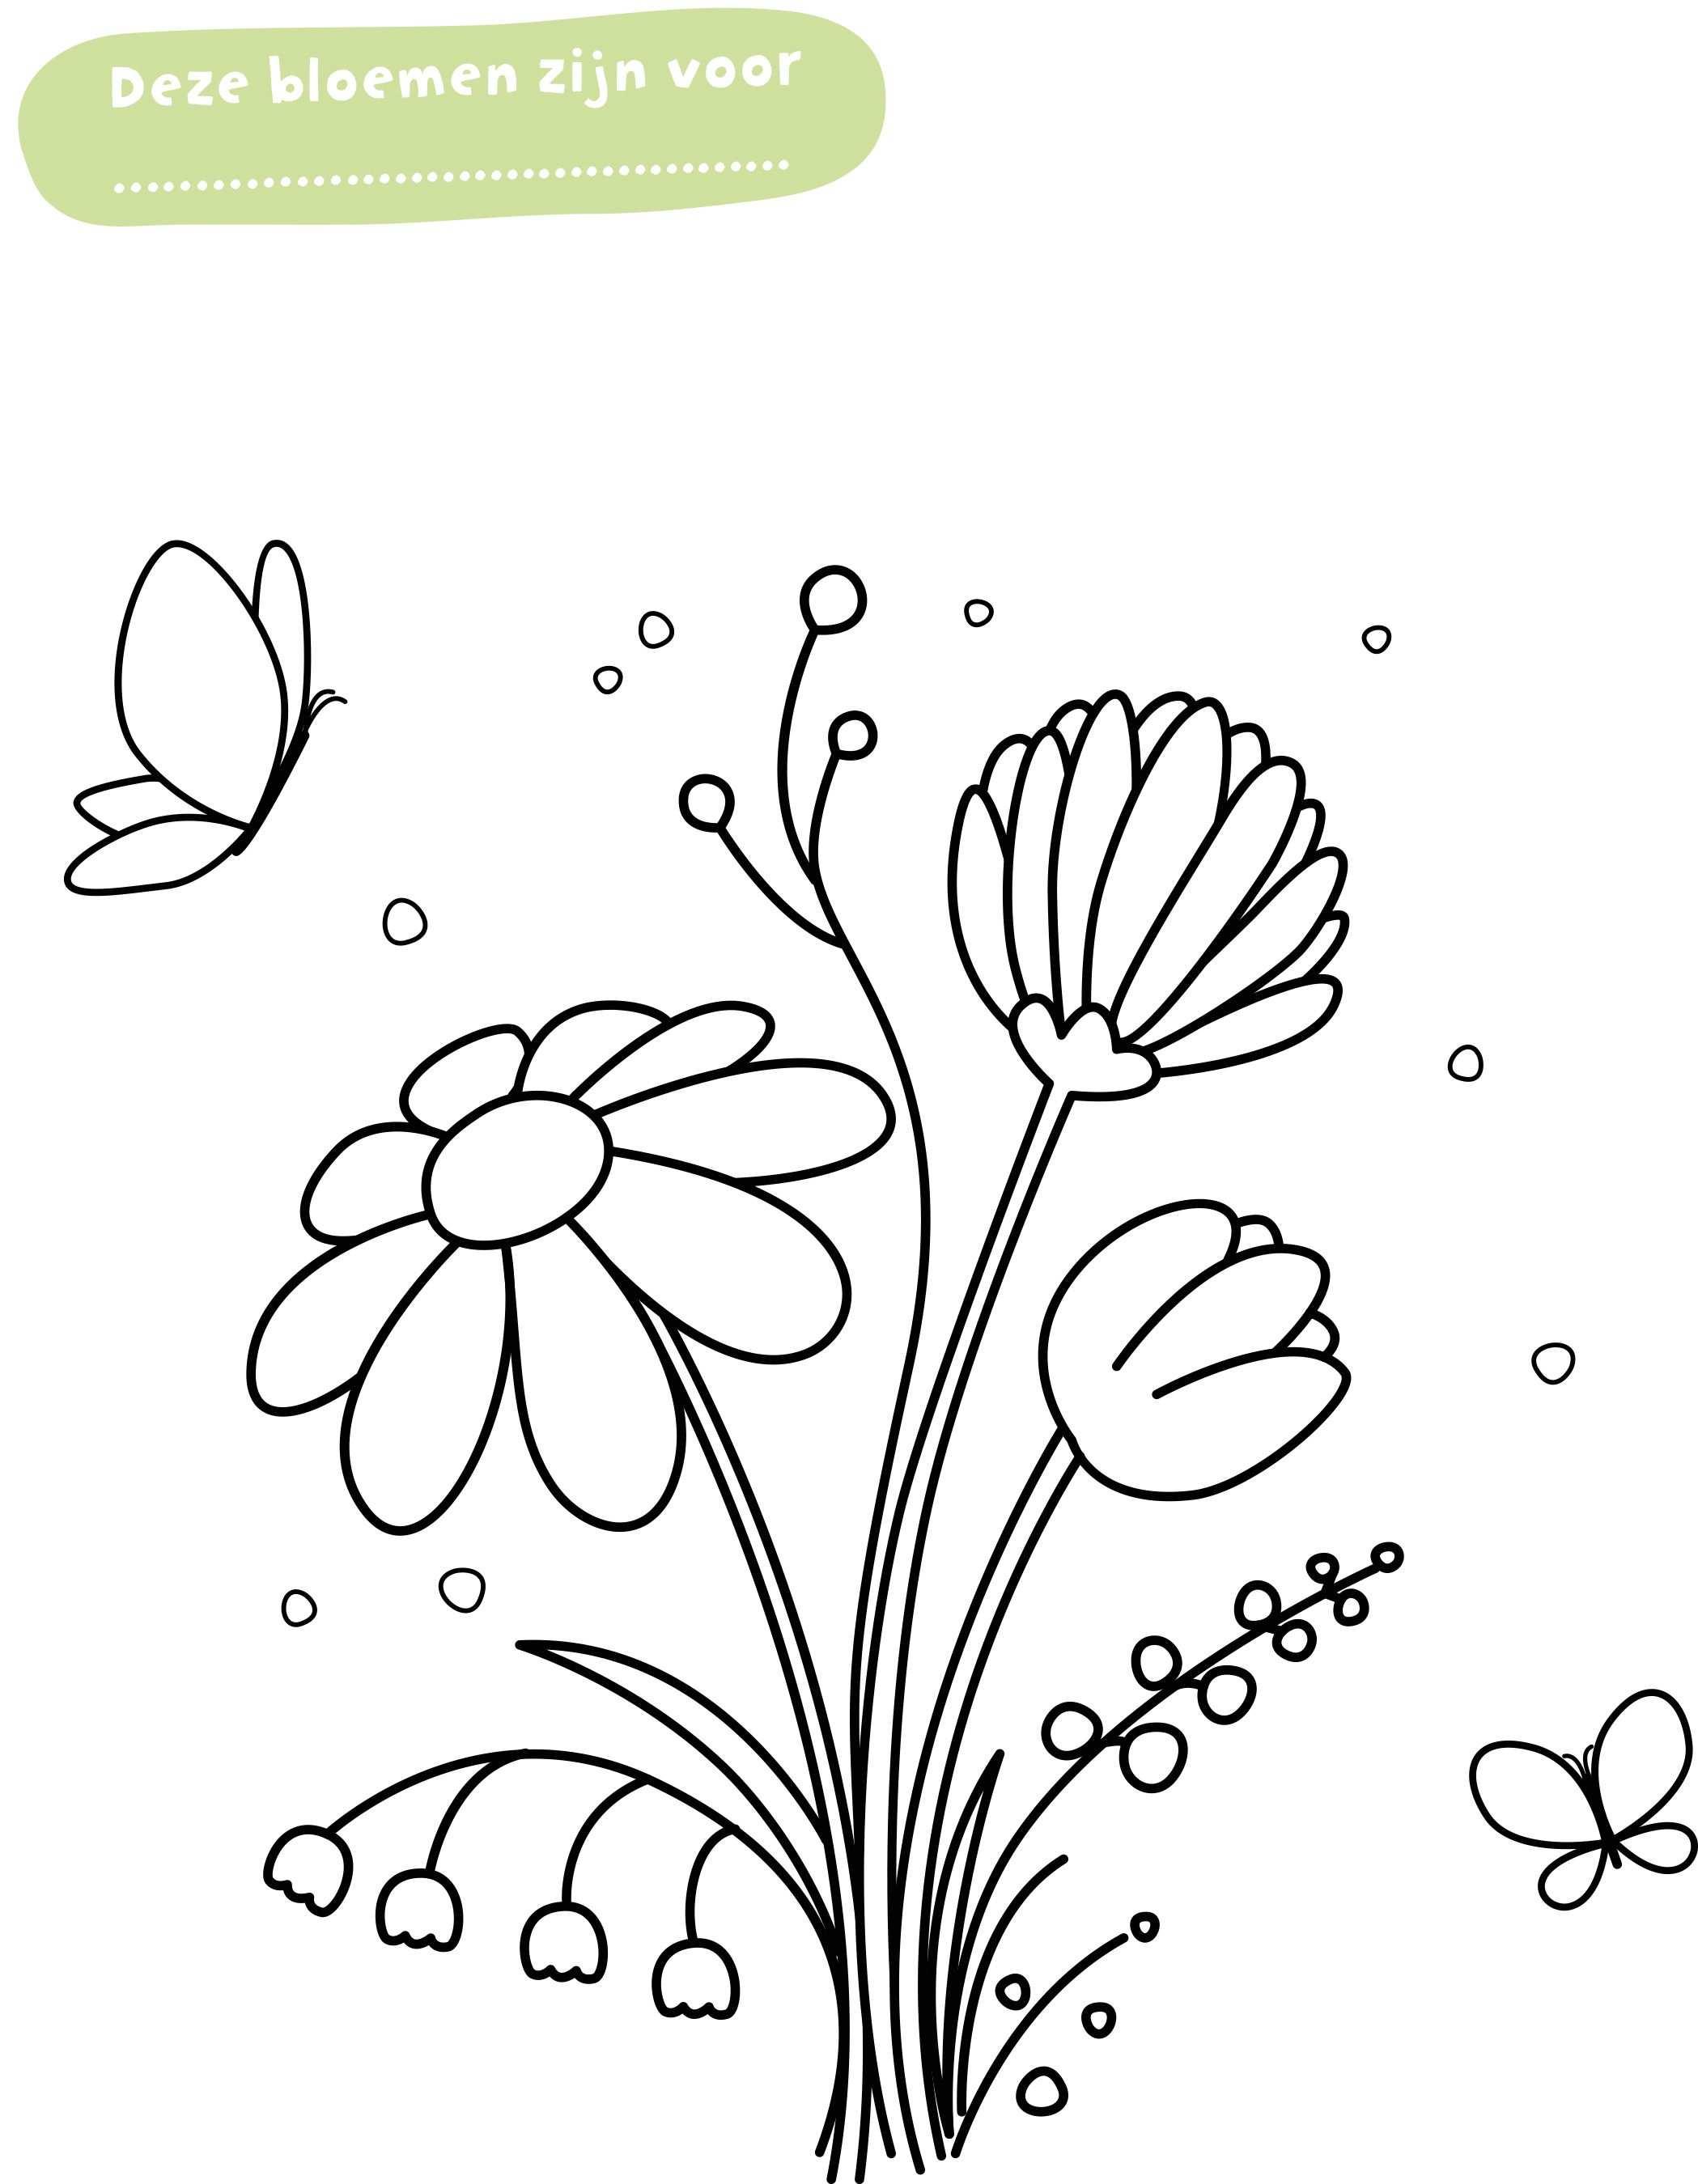 Deze Bloemen Zijn Voor Kleurplaat Van Pippo Met Bijbehorende